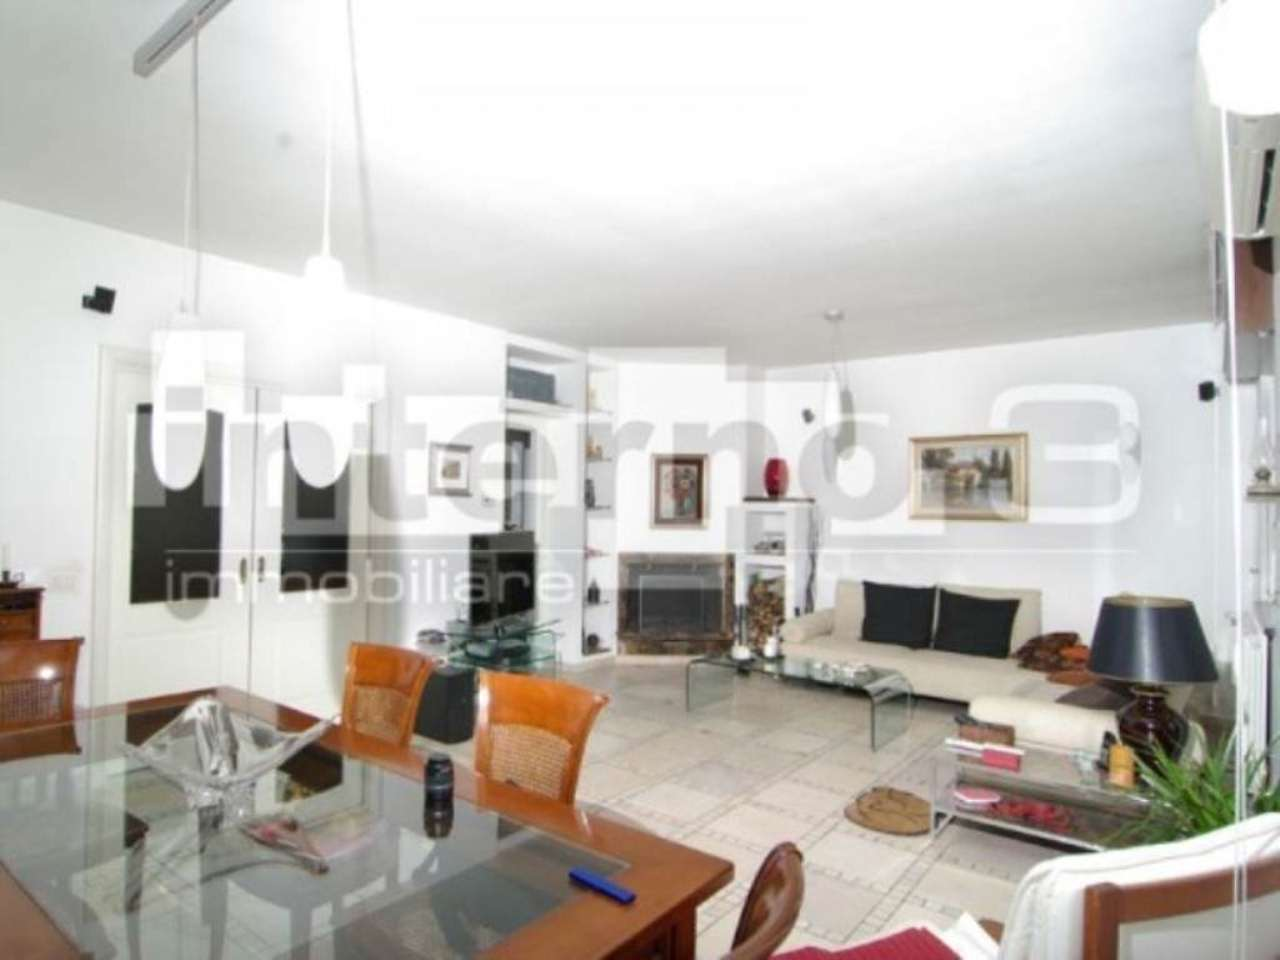 Roma bufalotta talenti villa in vendita waa2 for Casa di 700 metri quadrati in vendita